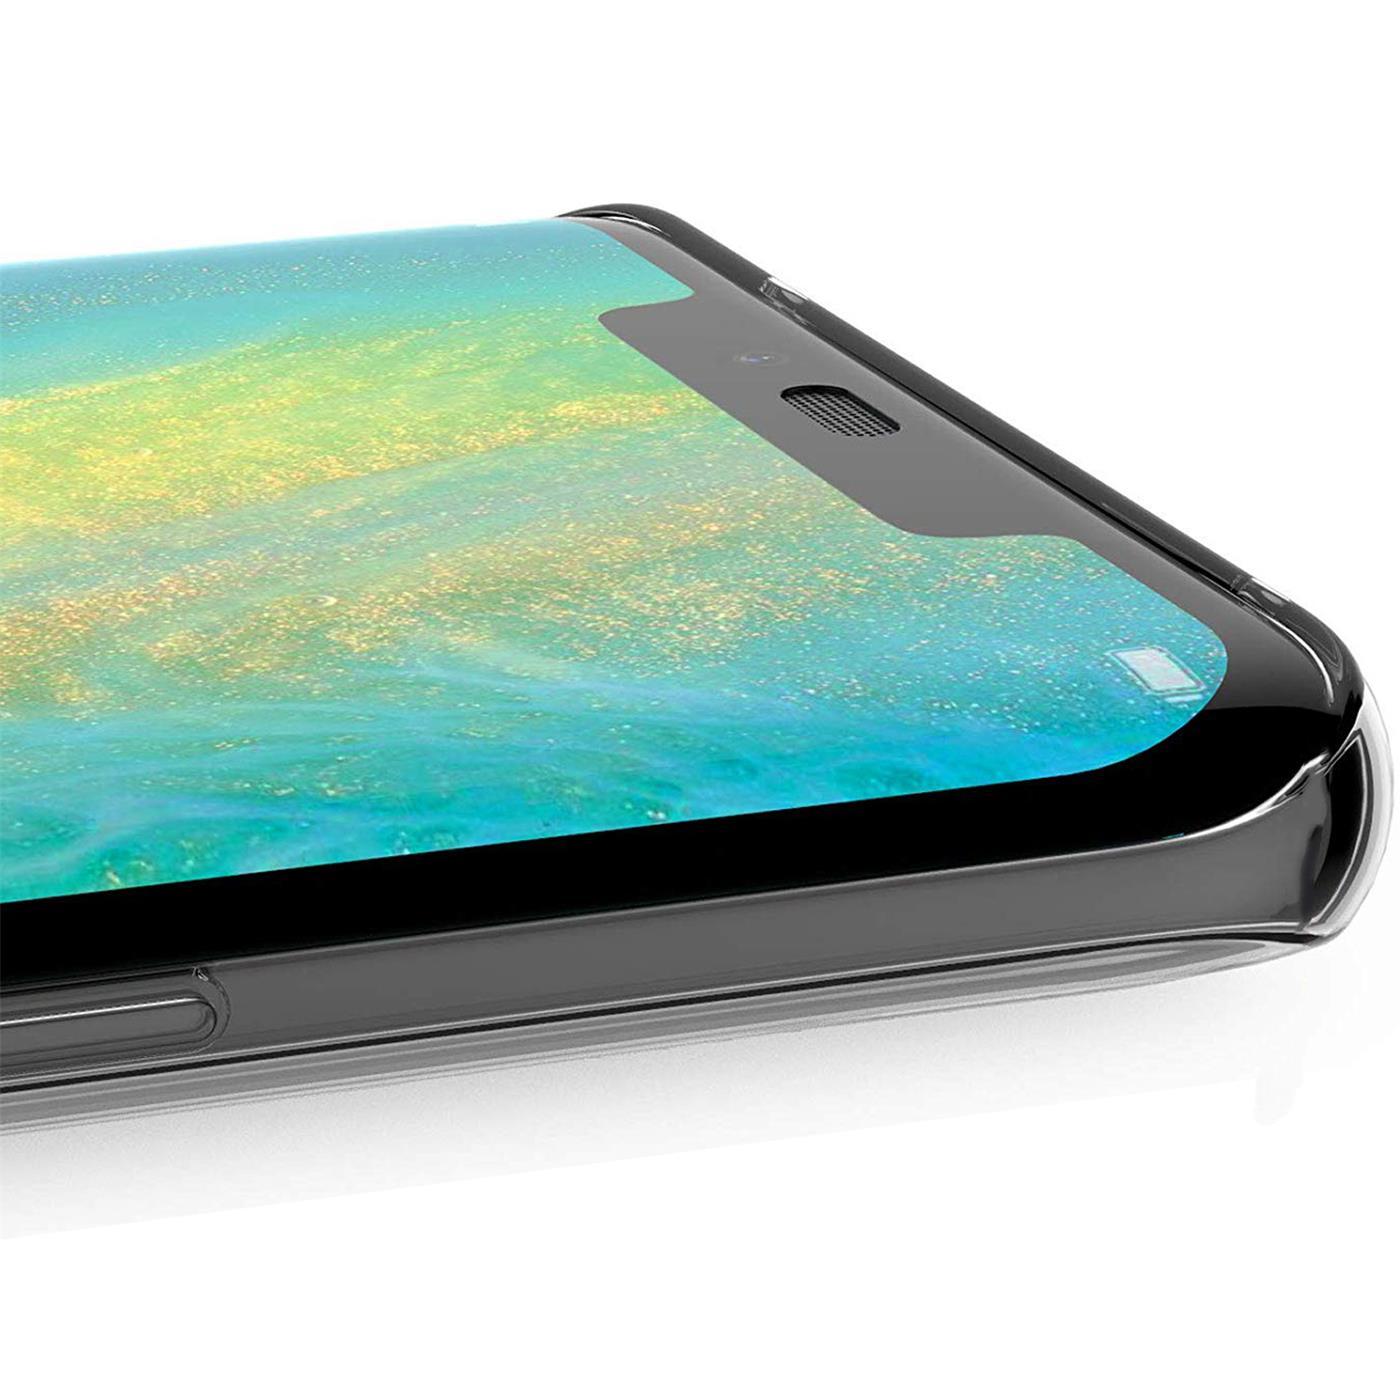 Huawei-P30-Lite-Motiv-Handy-Huelle-Silikon-Tasche-Schutzhuelle-Cover-Slim-TPU-Case Indexbild 46